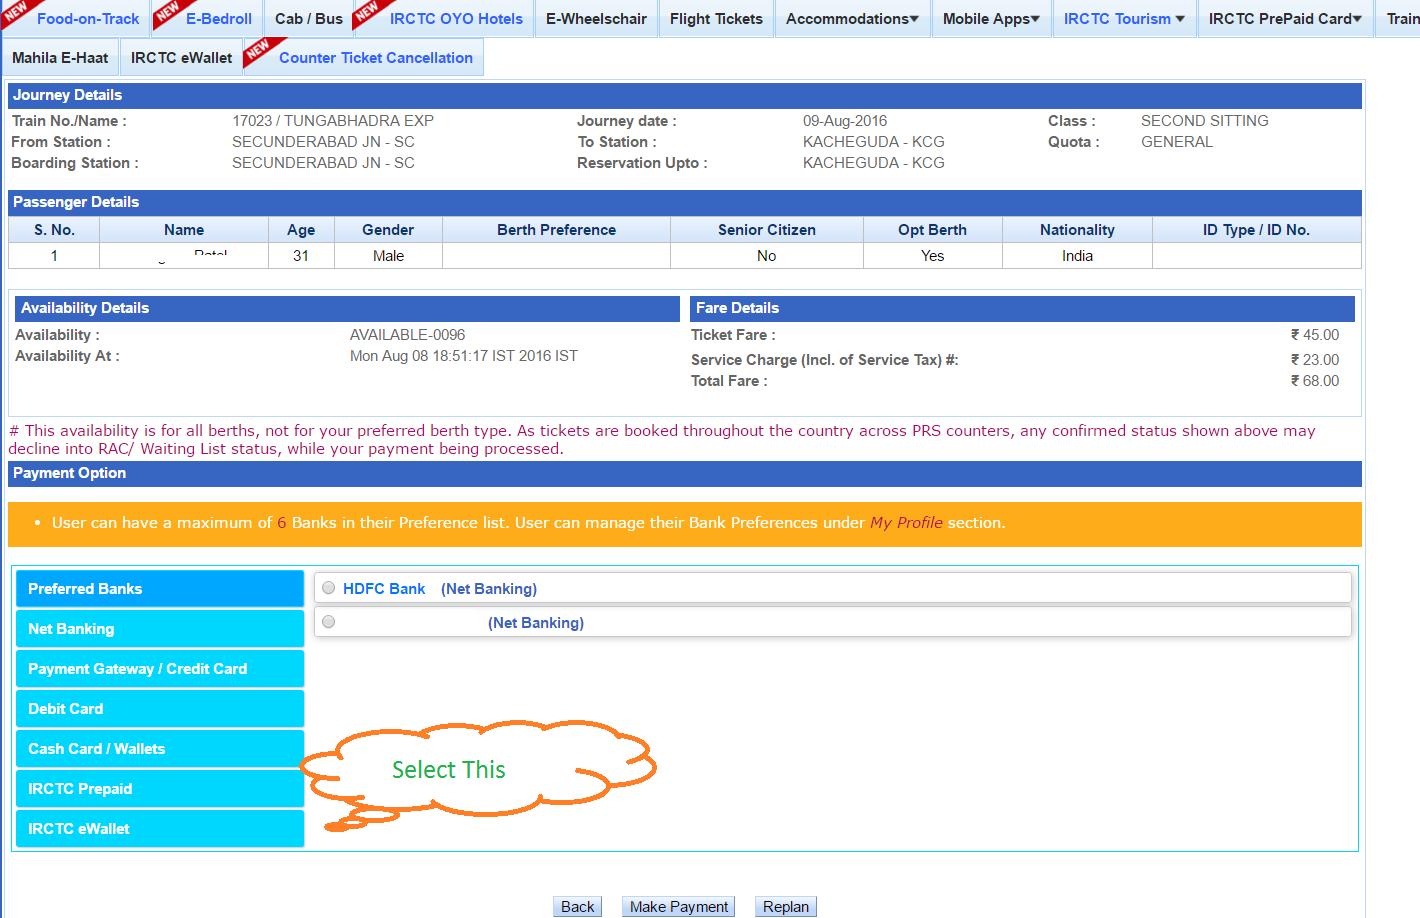 IRCTC eWallet Train booking